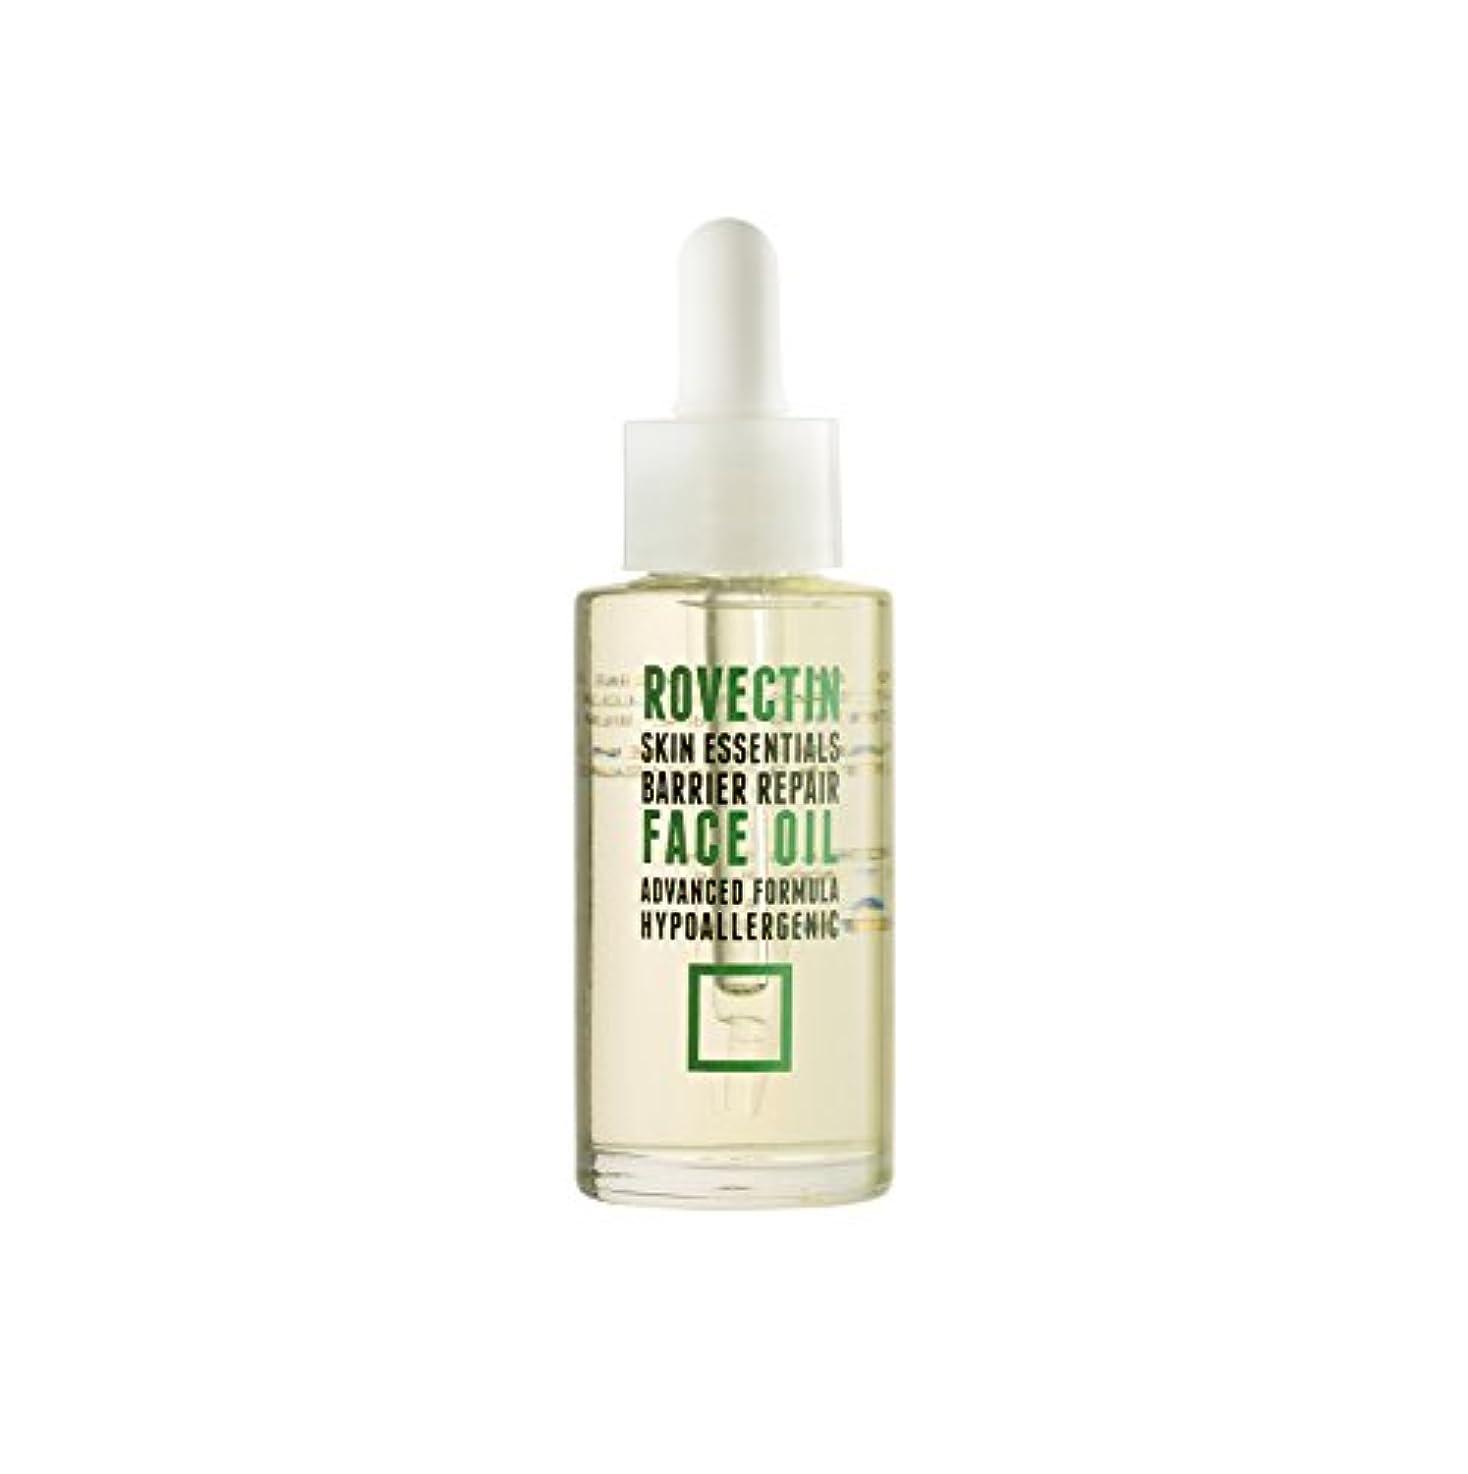 分散プライム虫を数えるスキン エッセンシャルズ バリア リペア フェイスオイル Skin Essentials Barrier Repair Face Oil 30ml [並行輸入品]